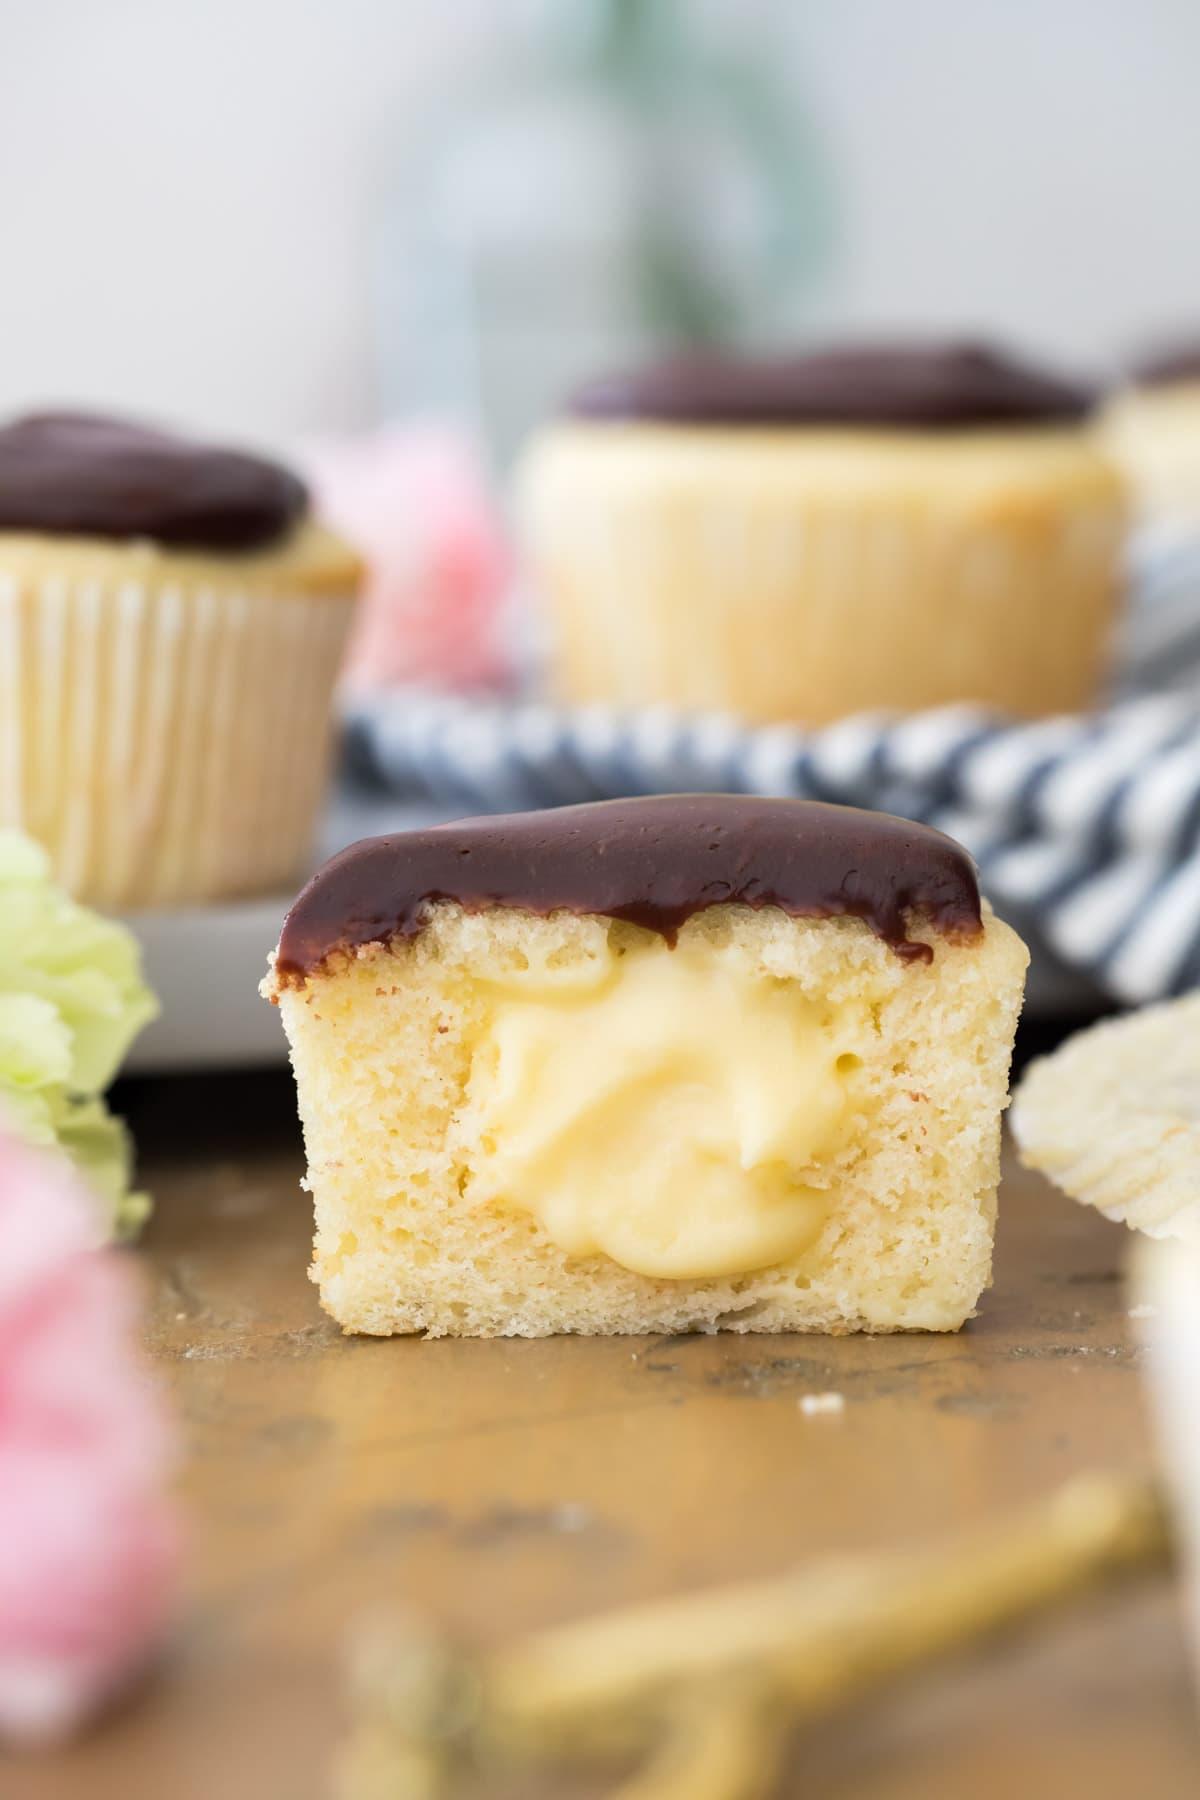 boston cream cupcake cut in half to show center